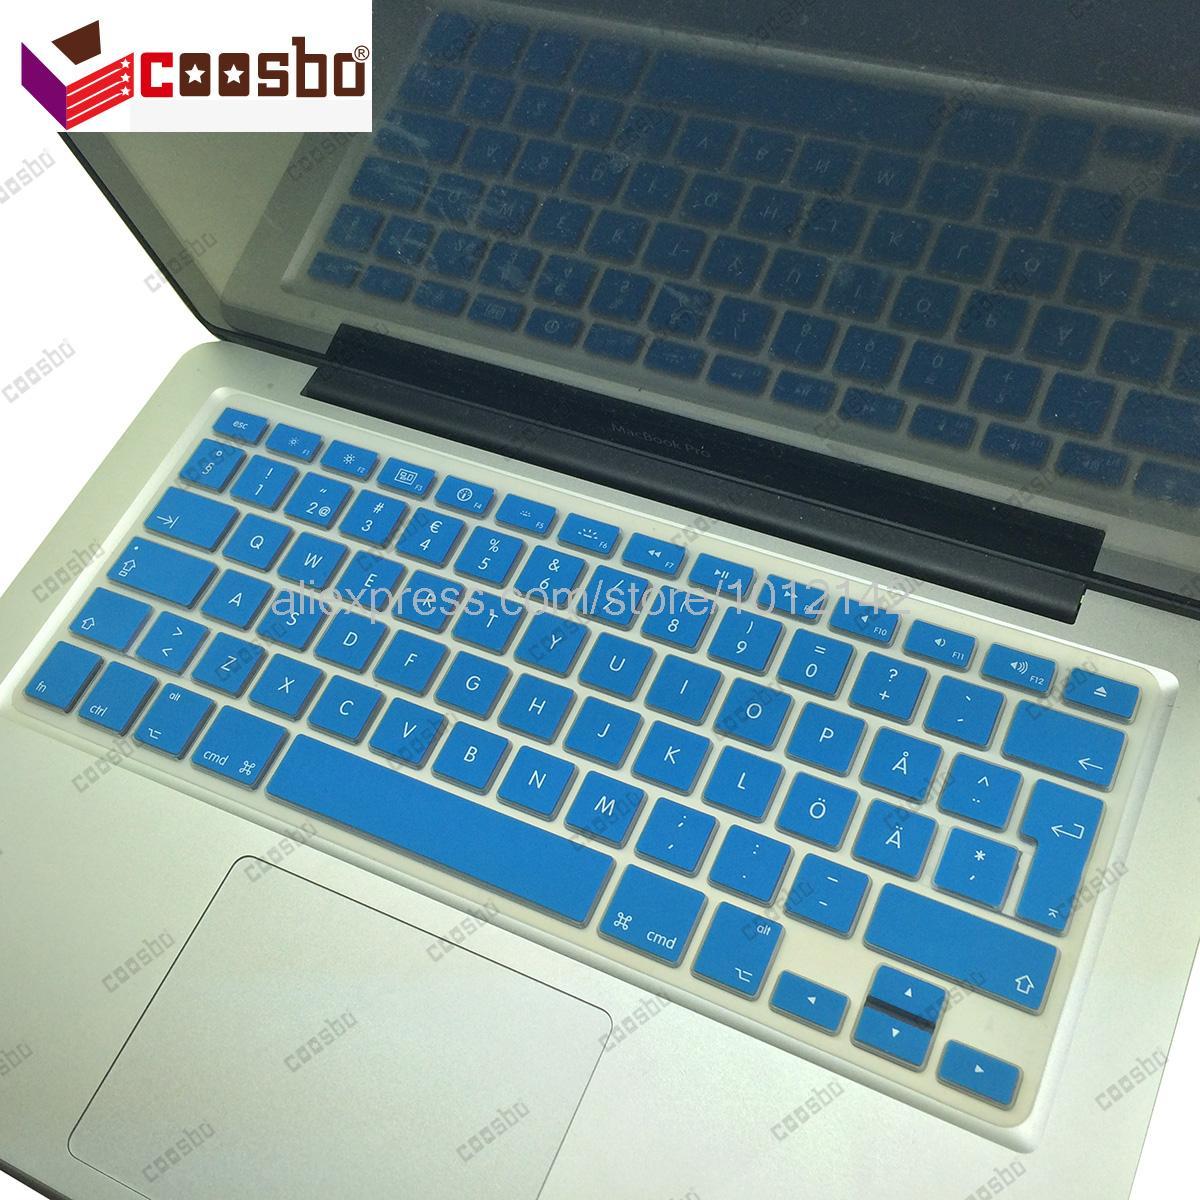 50 pcs gros suède suédois Silicone Keyboard Cover peau de Protection pour Mac Macbook Air Pro Retina 13 15 17 Imac G6